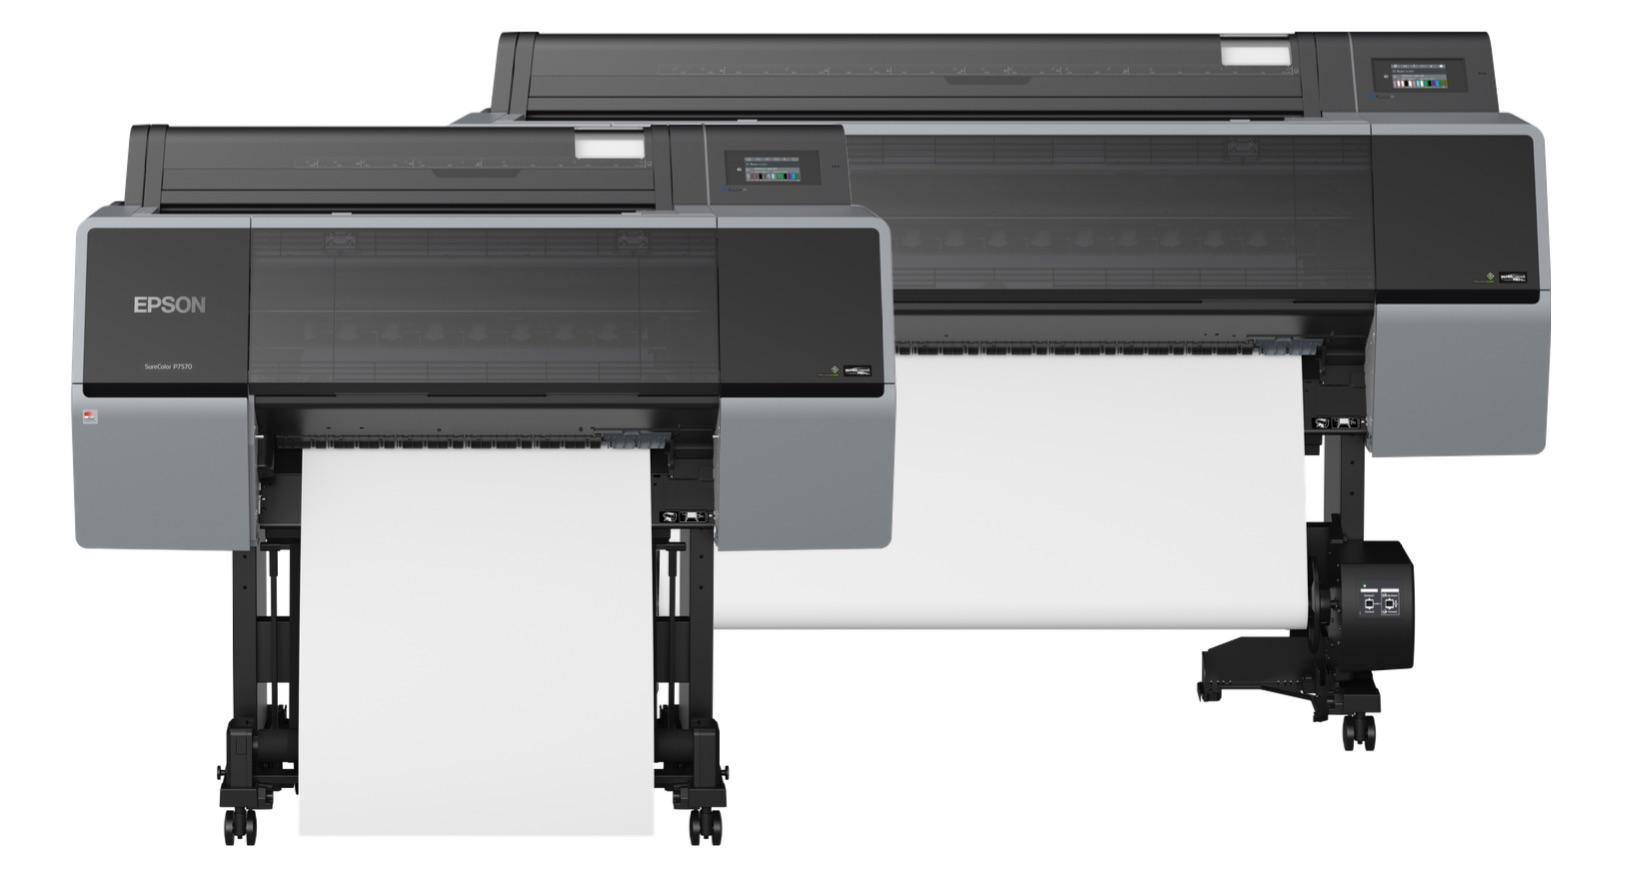 Epson SureColor P7570 & P9570 Printers